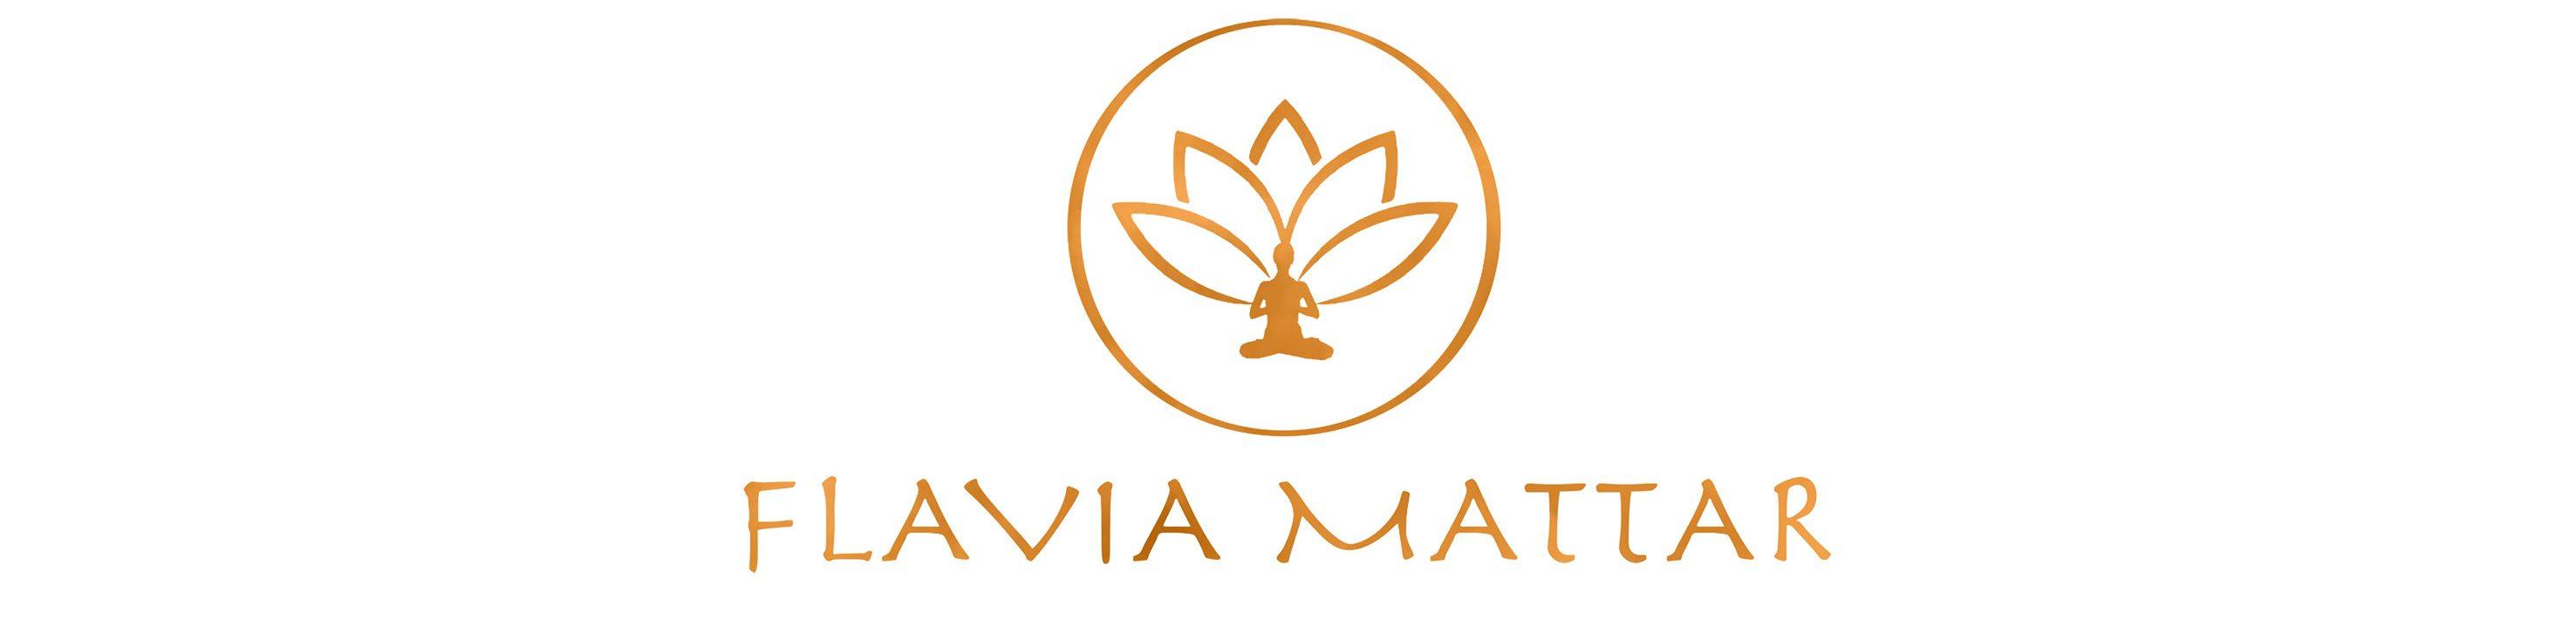 Flavia Mattar